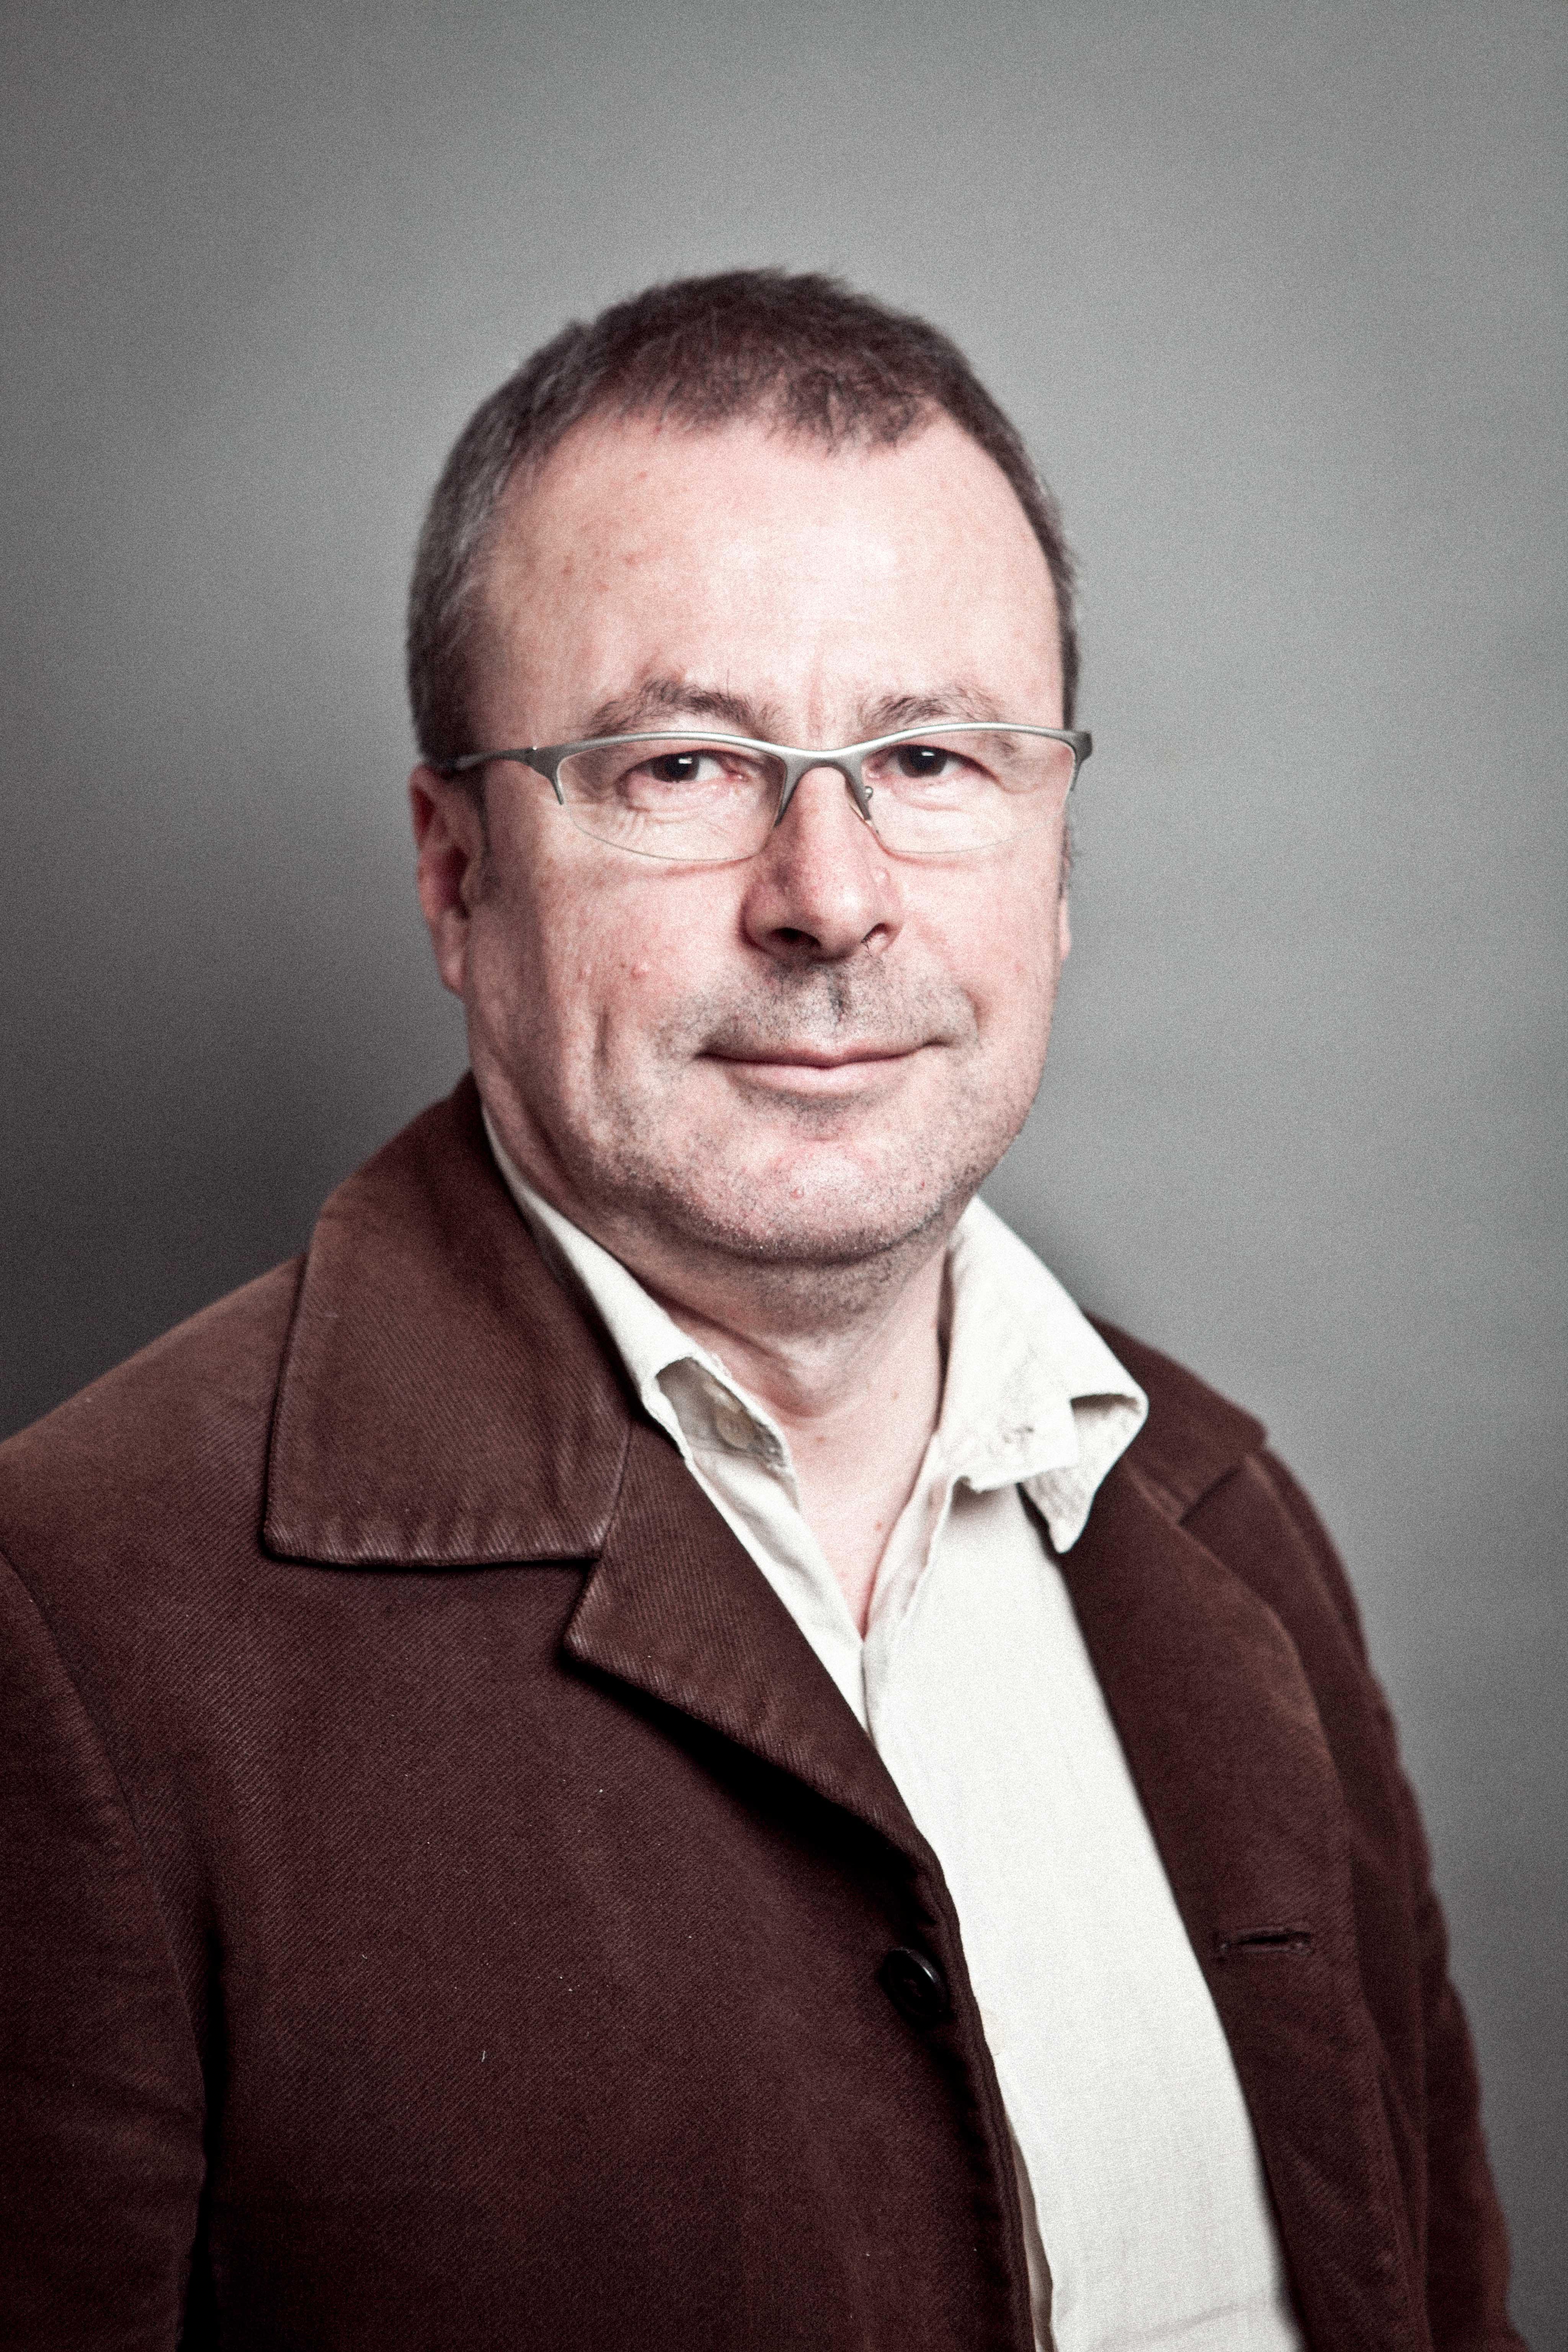 Ray McCormack